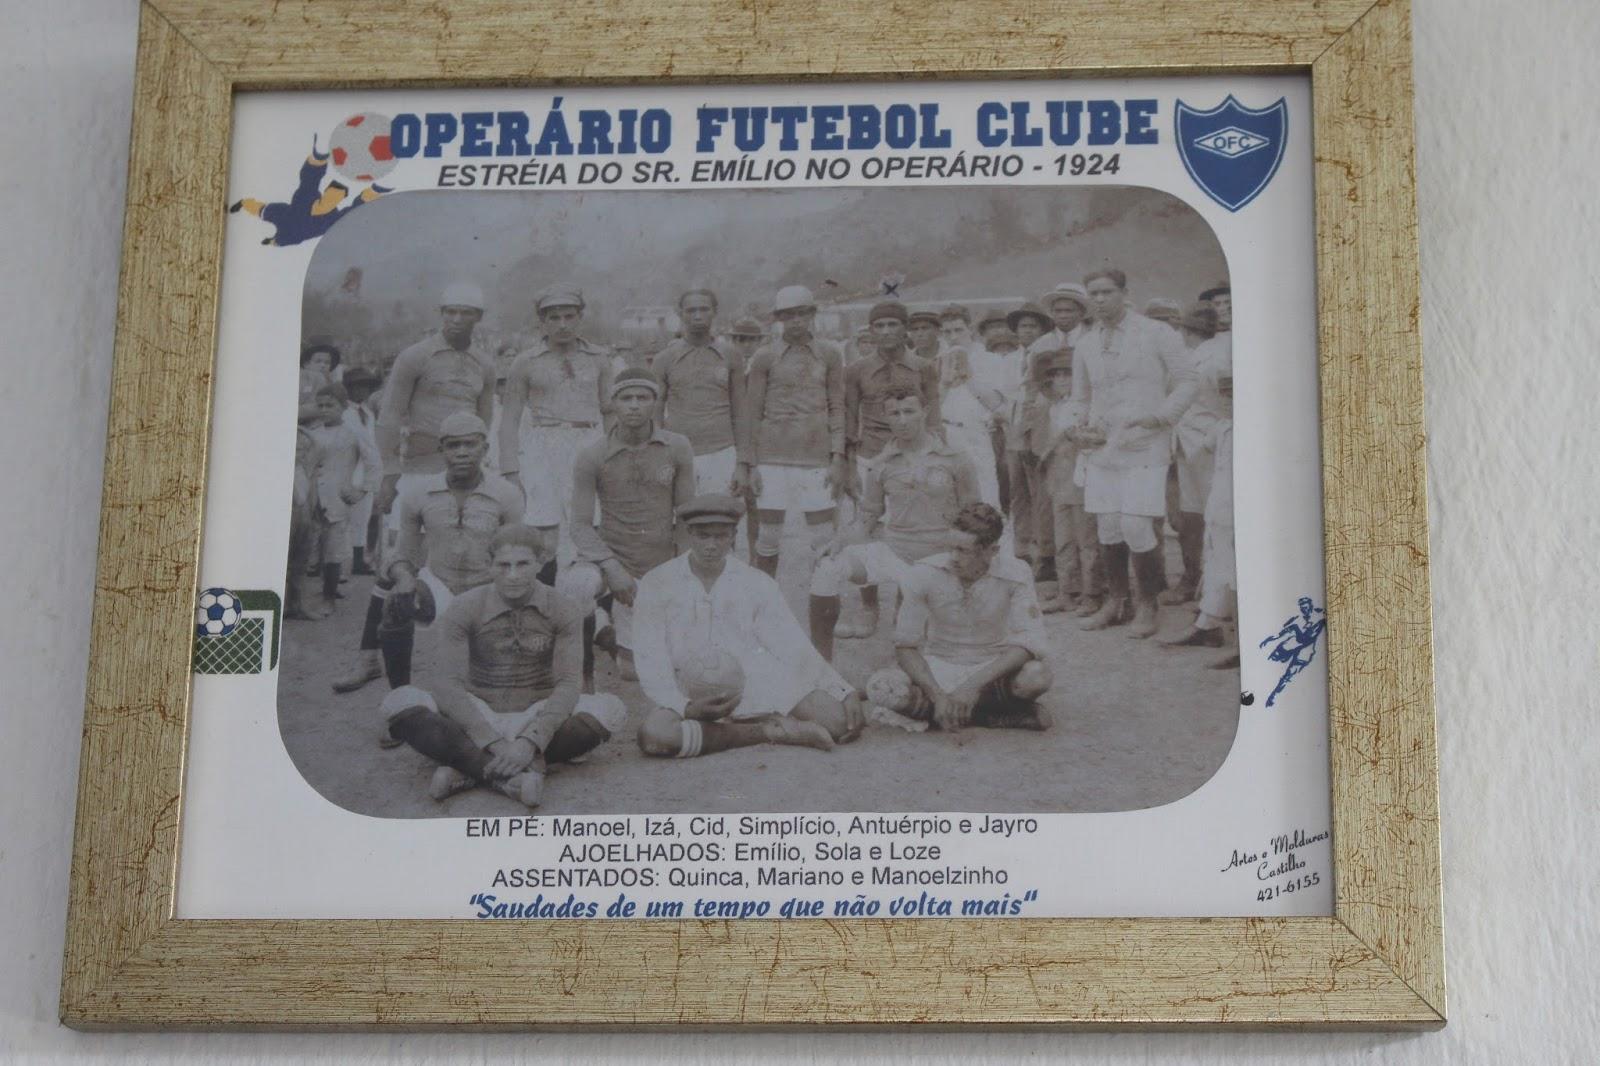 b506c4cfbf Operário FC de Cataguases chega aos 100 anos (ininterruptos) de ...